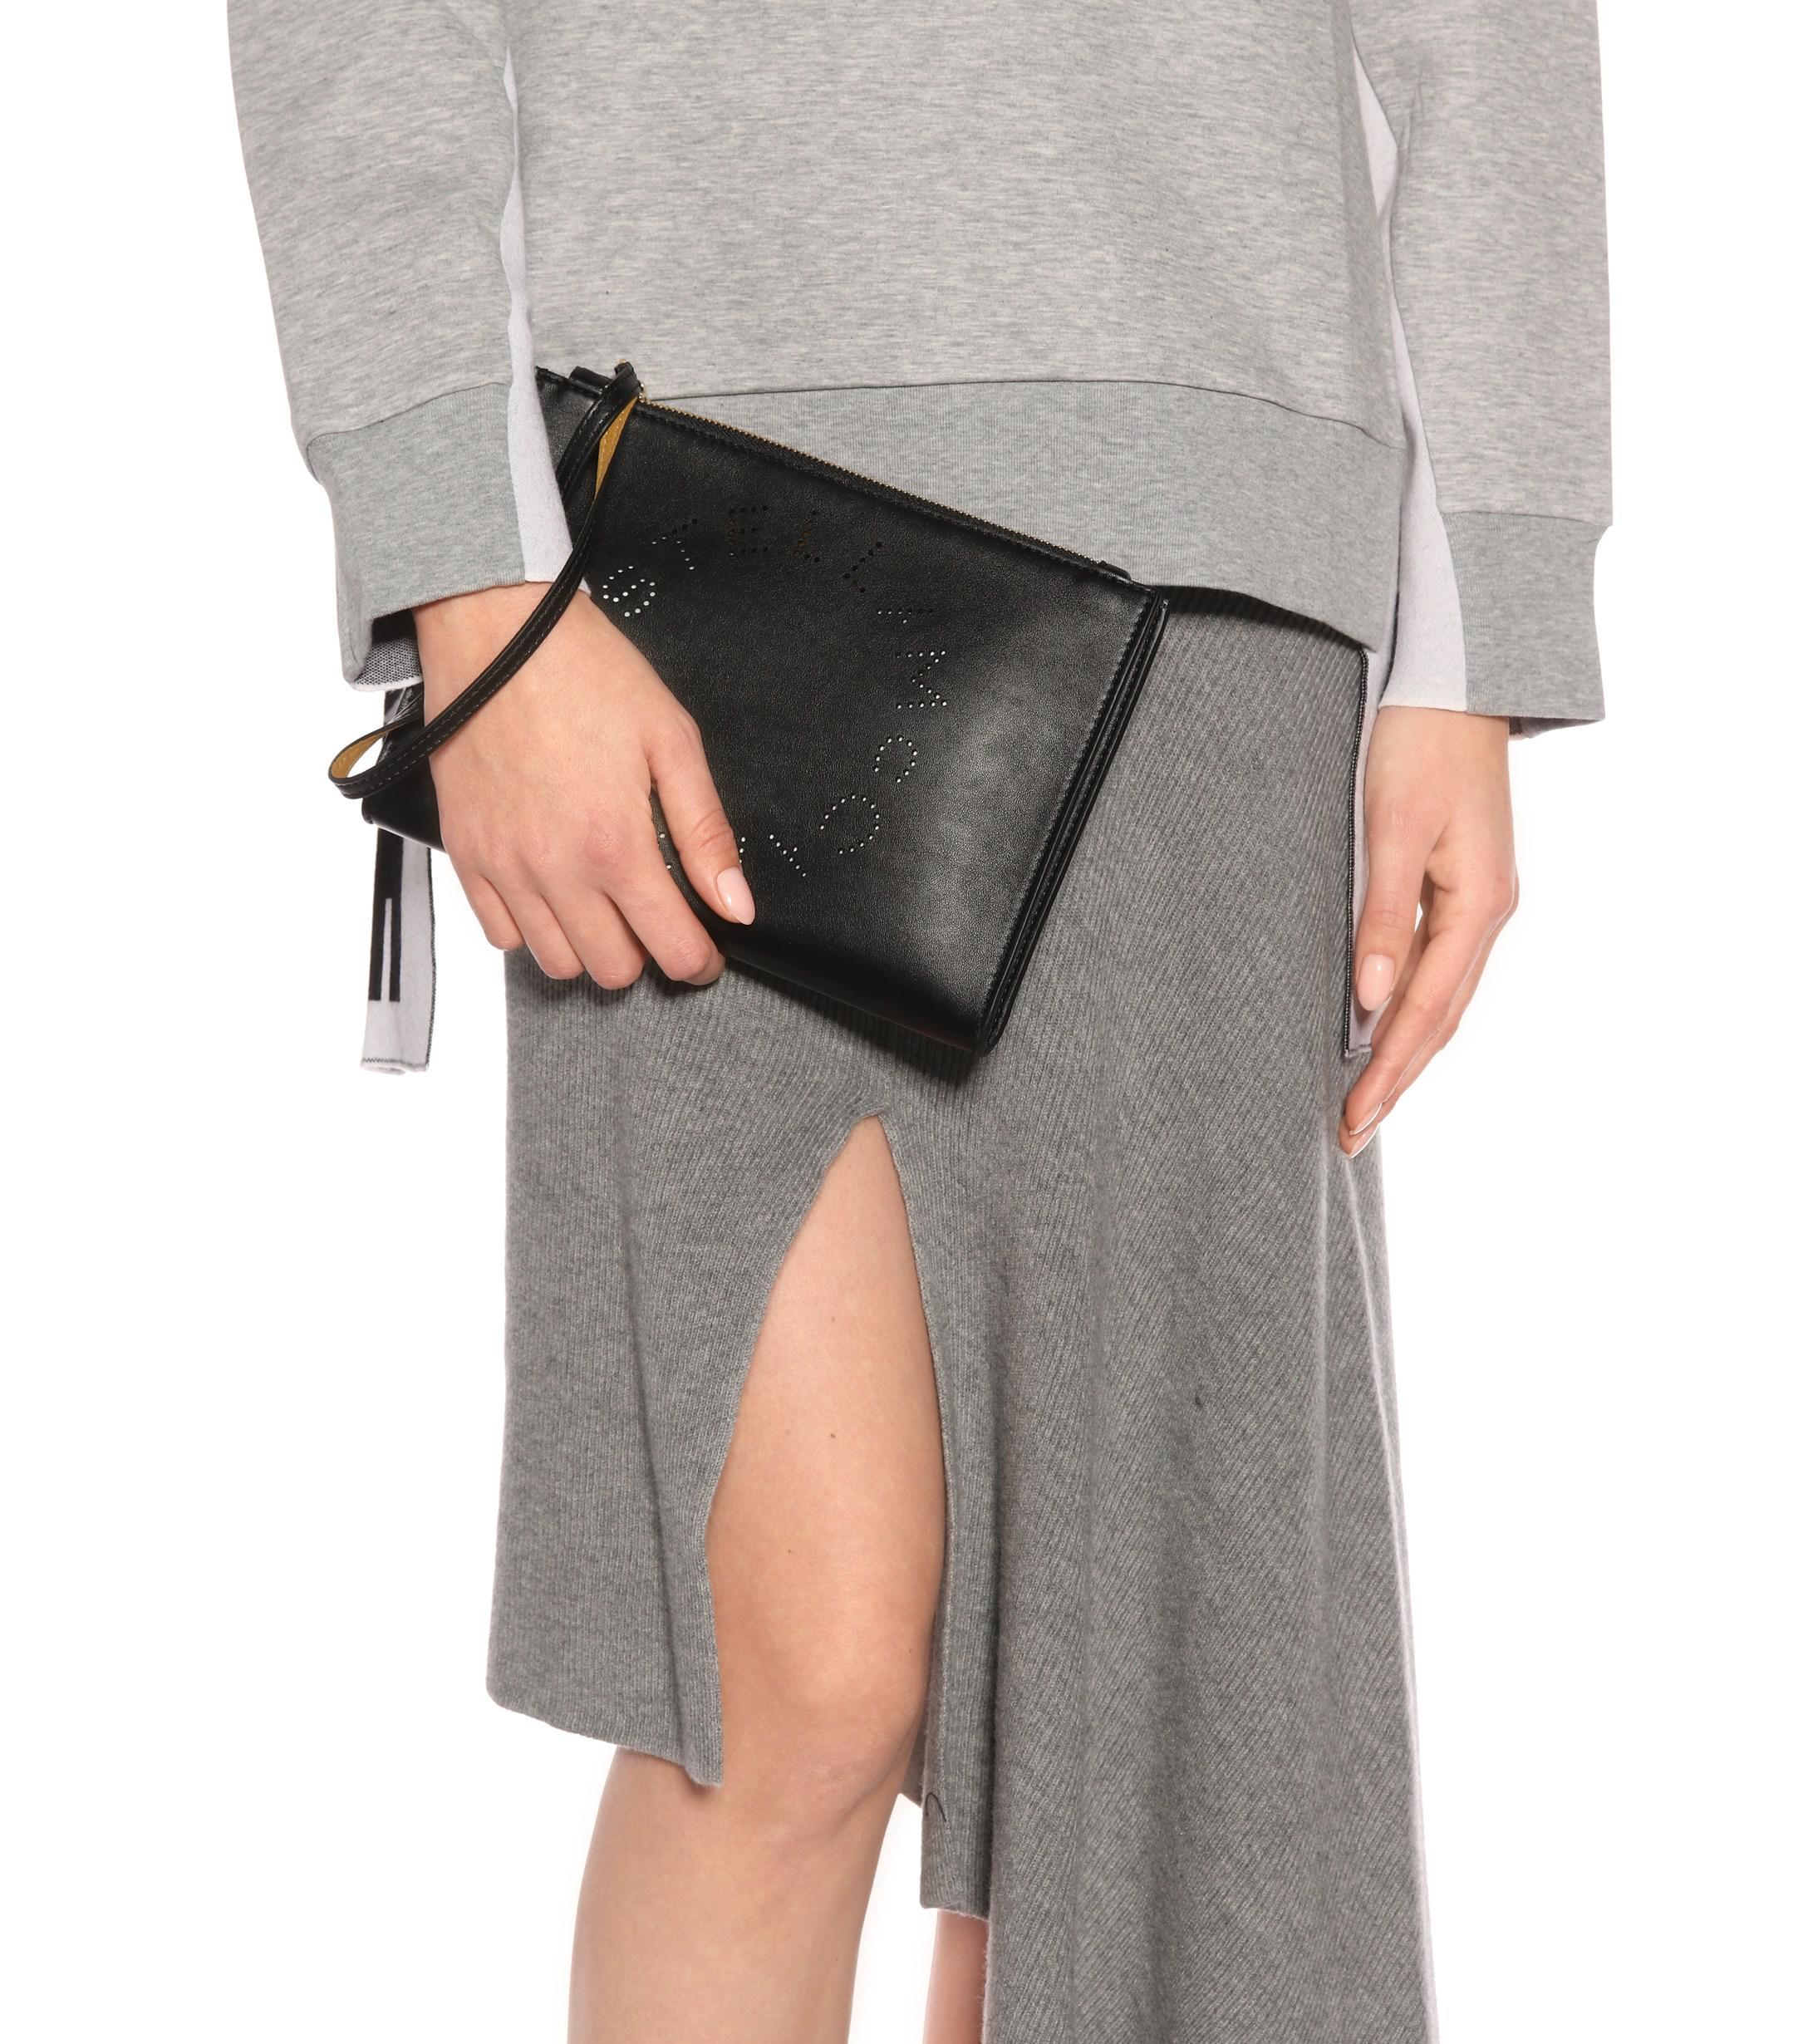 e75f7e70c0be Lyst - Stella Mccartney Stella Logo Faux Leather Clutch in Black